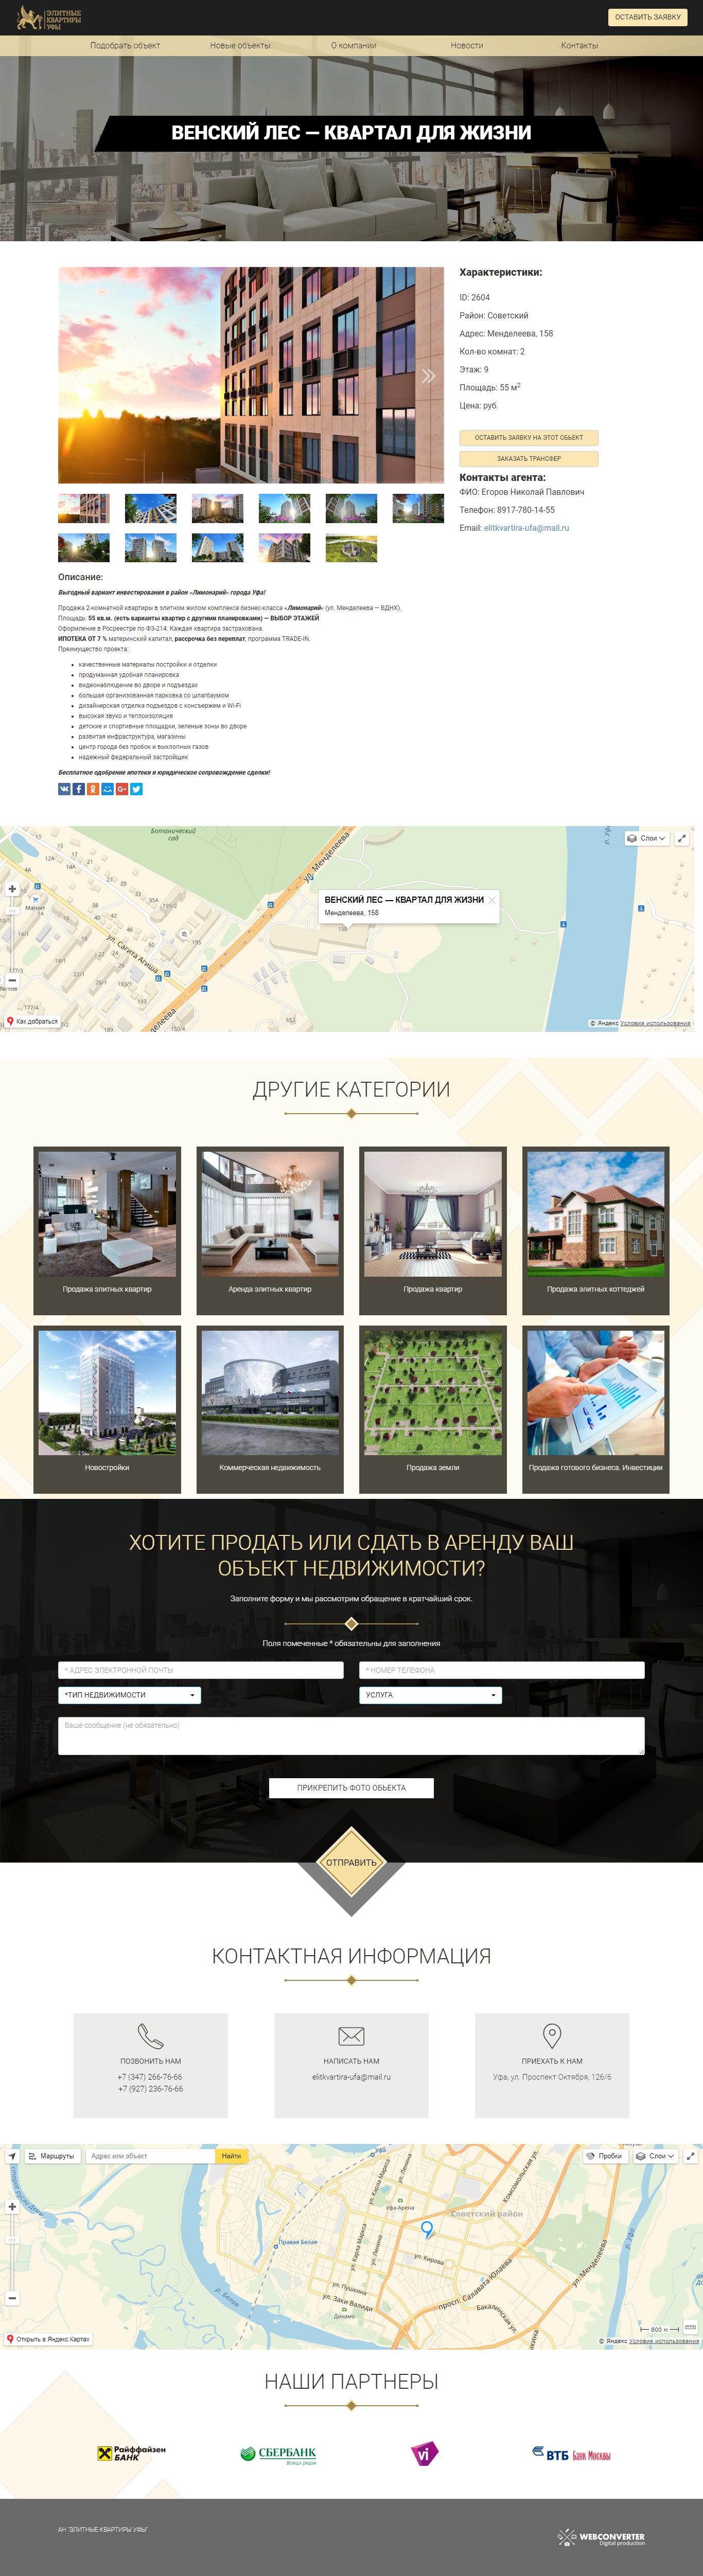 Разработка проекта Элитные квартиры Уфы